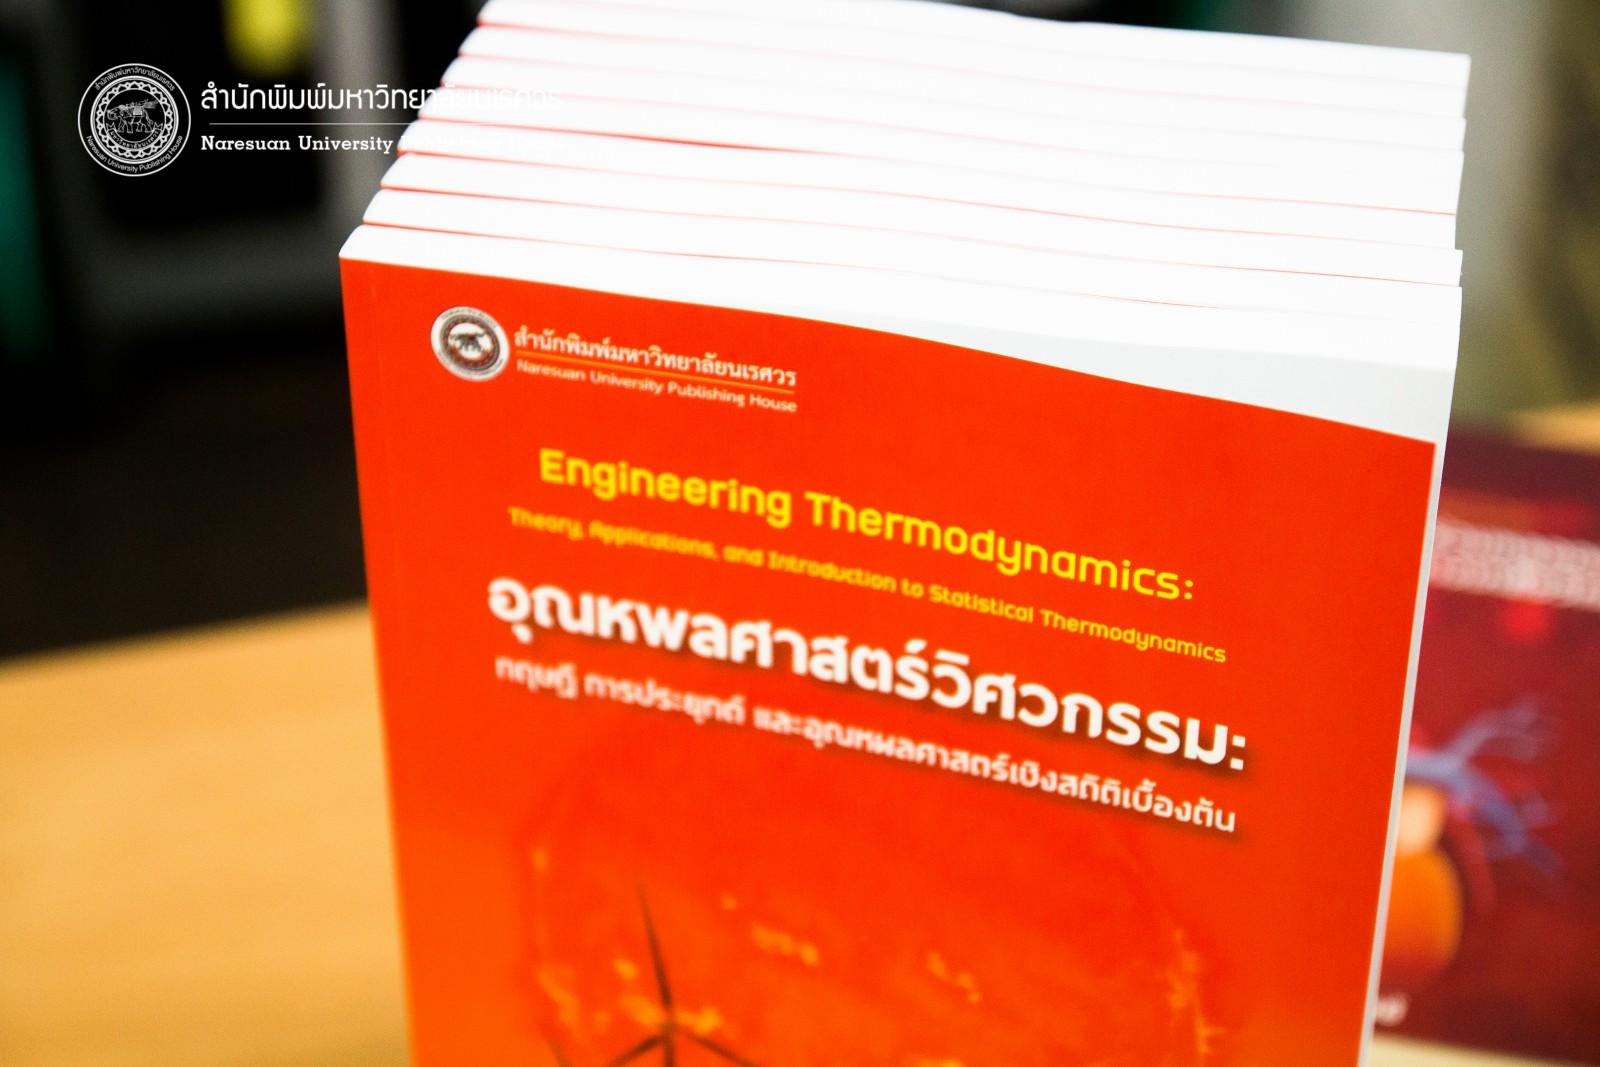 อุณหพลศาสตร์วิศวกรรม: ทฤษฎี การประยุกต์ และอุณหพลศาสตร์เชิงสถิติเบื้องต้น